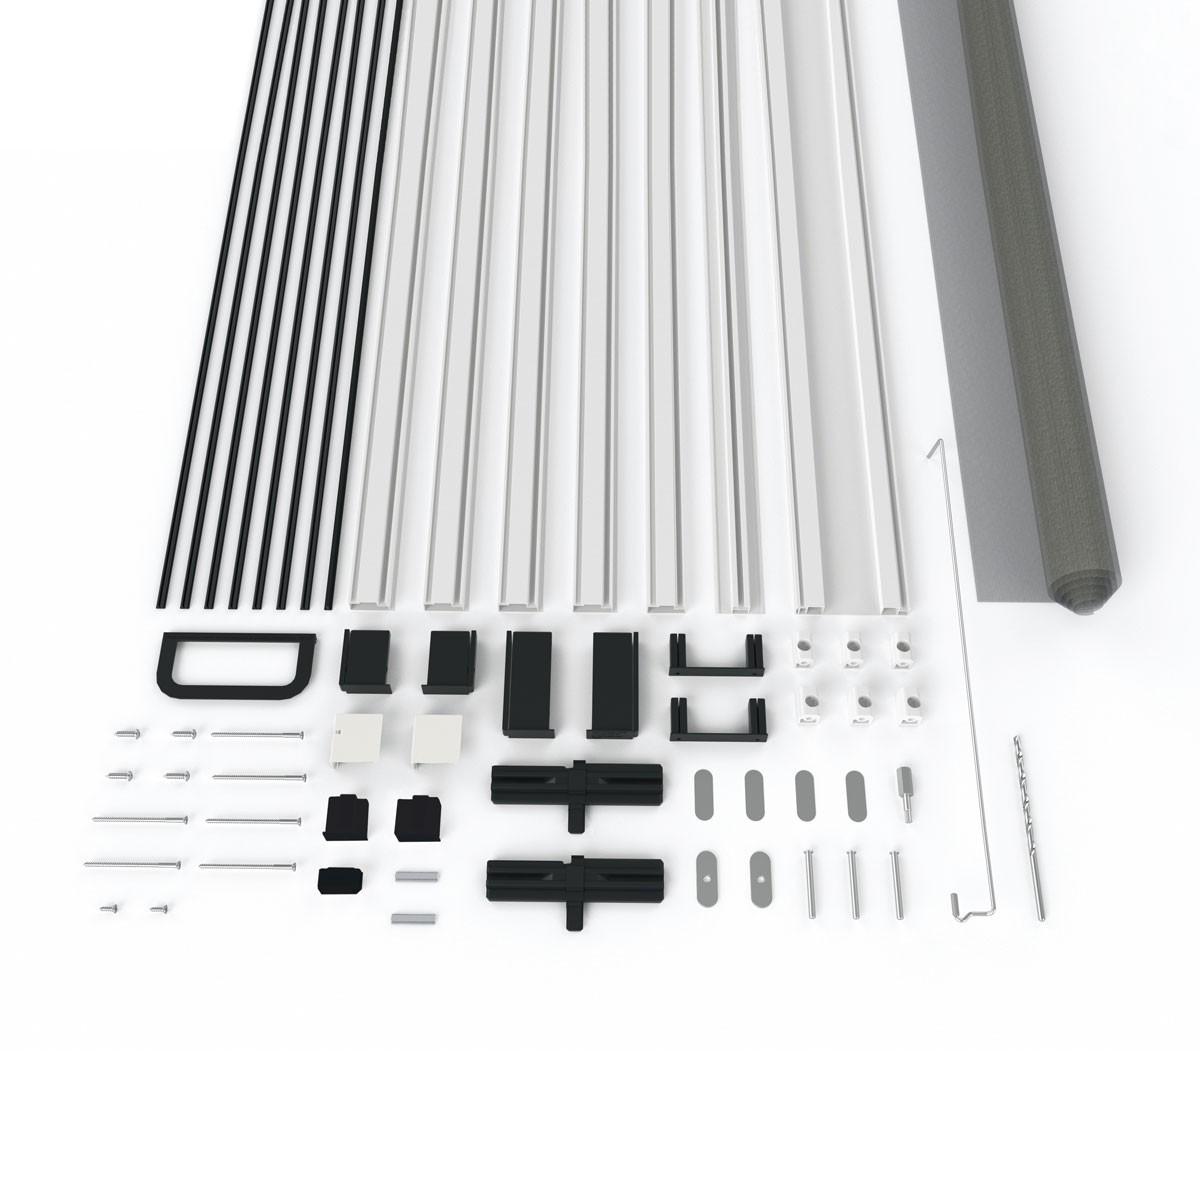 Bild 3 von Powertec Alu-Türbausatz MASTER SLIM+ 100 x 210 cm in Anthrazit